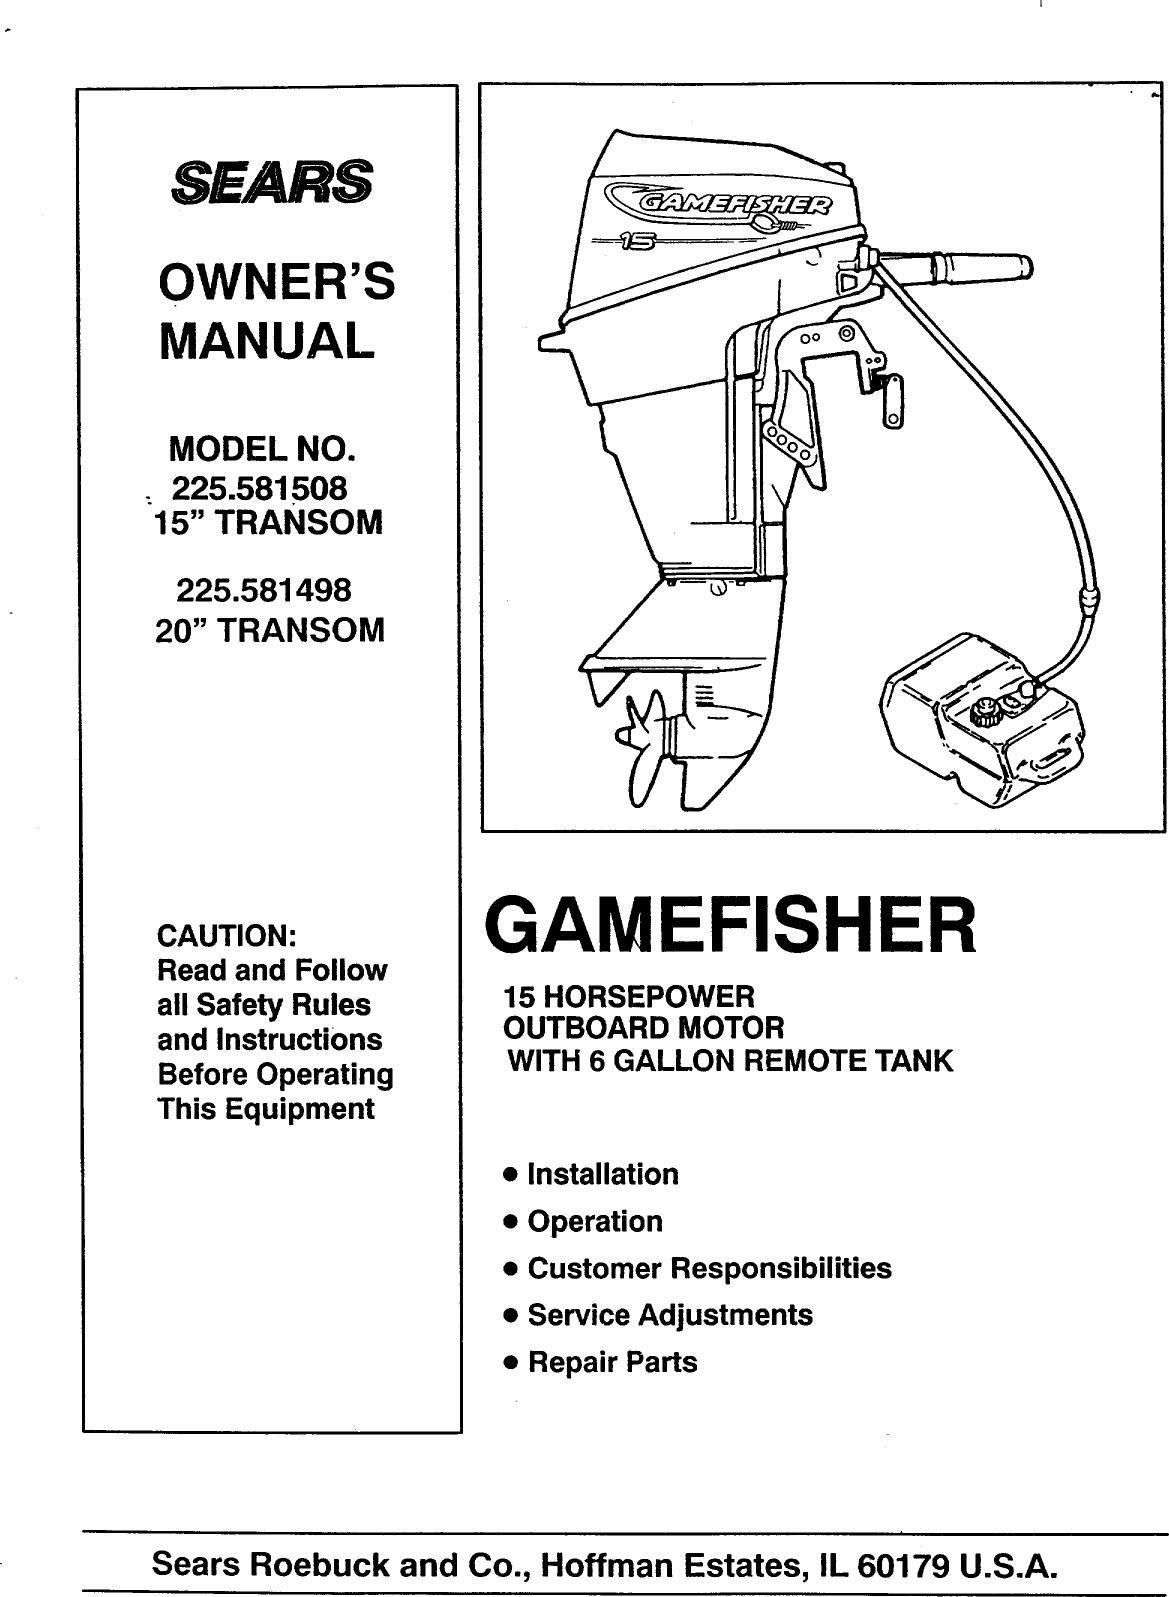 Craftsman User Manual Gamefisher 15 H P 20